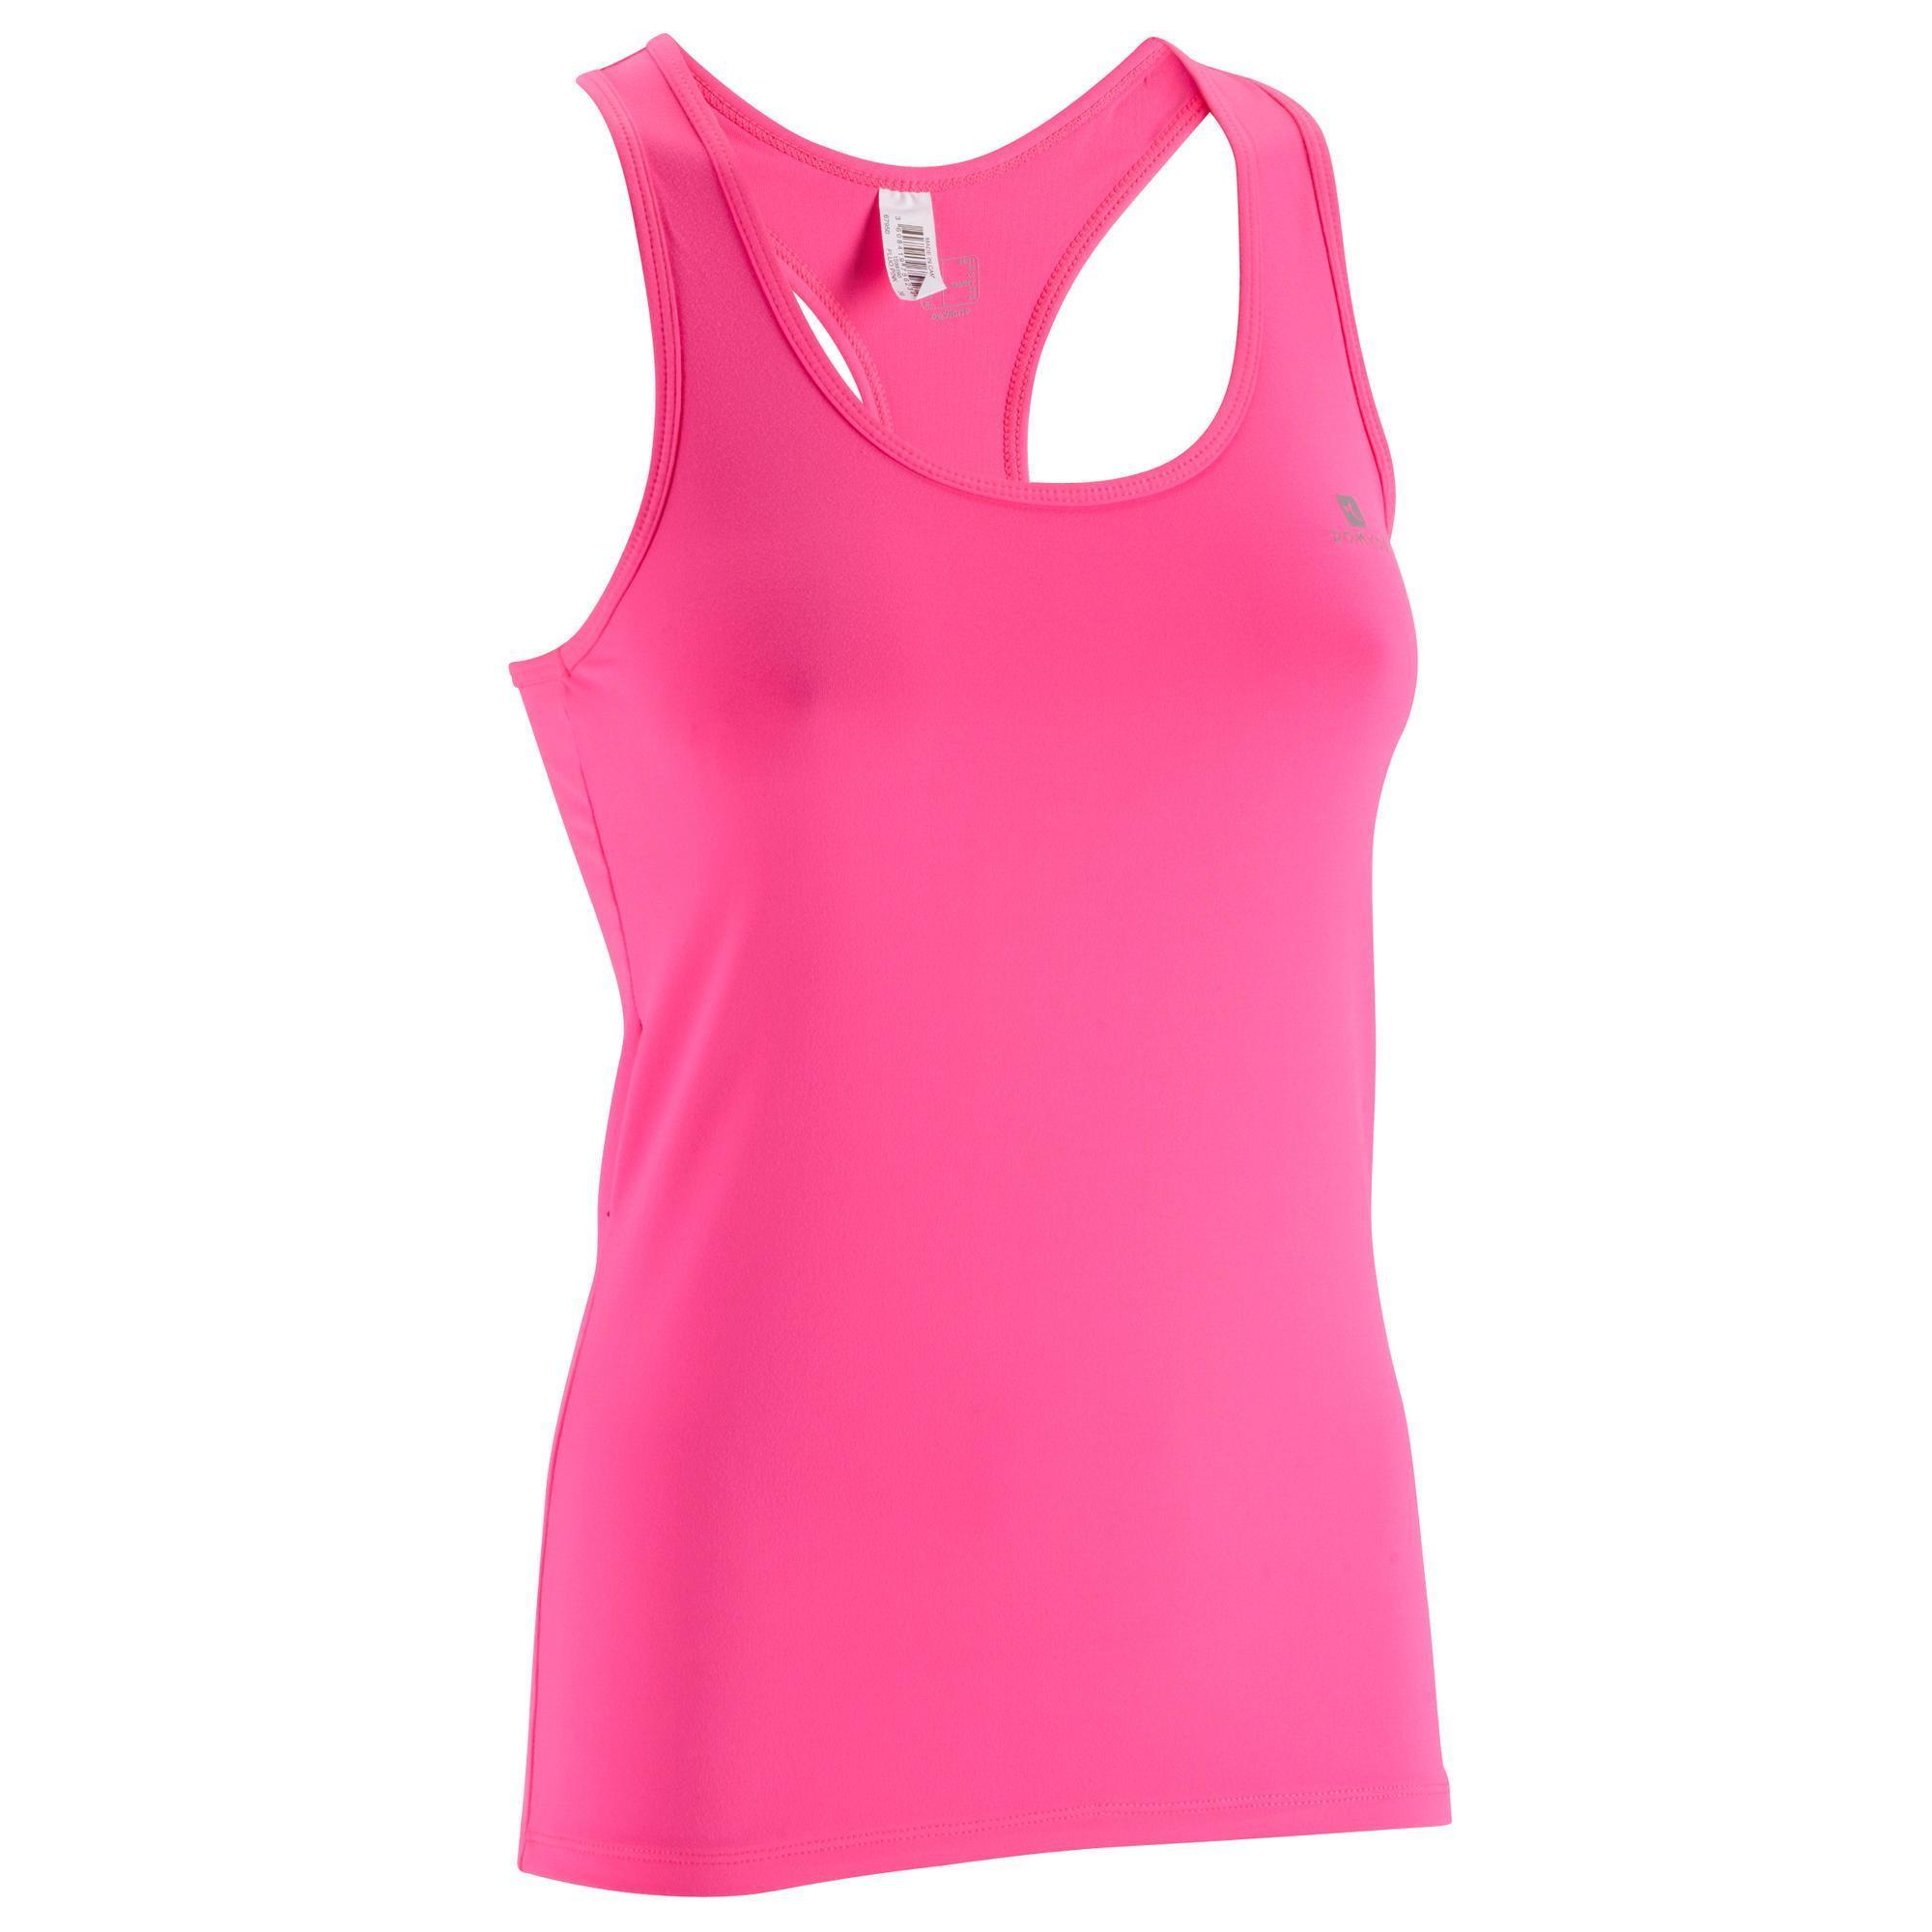 Abbigliamento fitness e tonificazione muscolare donna  2afd5e4aae0